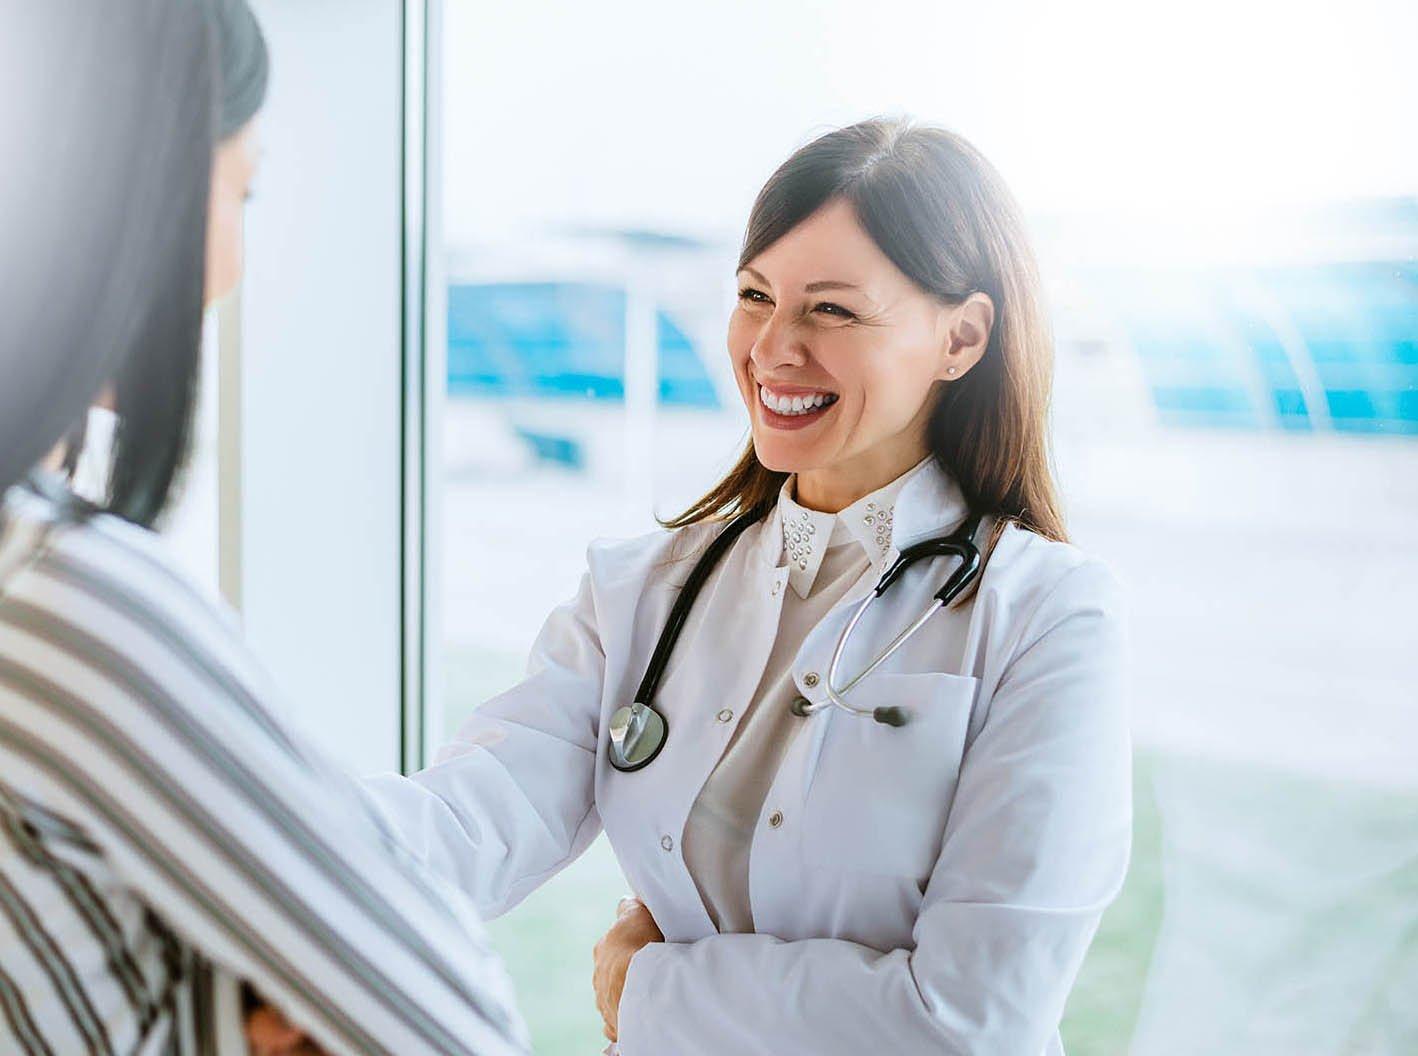 CRM para centros médicos, clínicas ambulatorias y hospitales